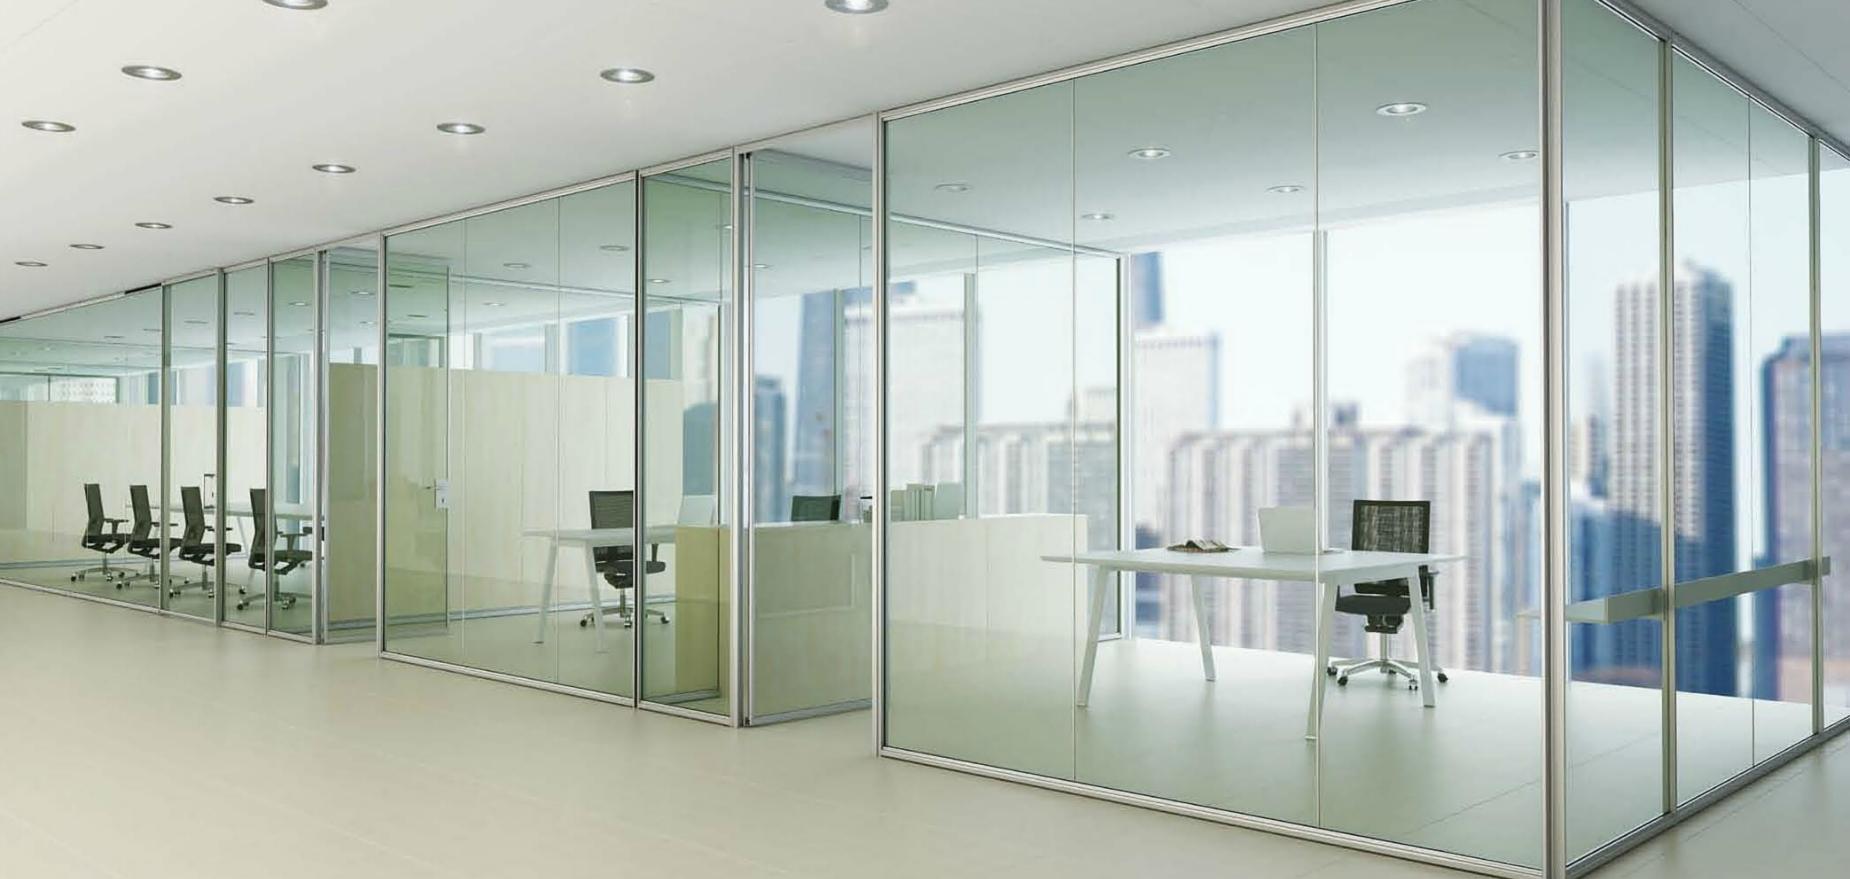 Mamparas de vidrio templado o laminado venta mamparas de for Mamparas de vidrio para oficinas